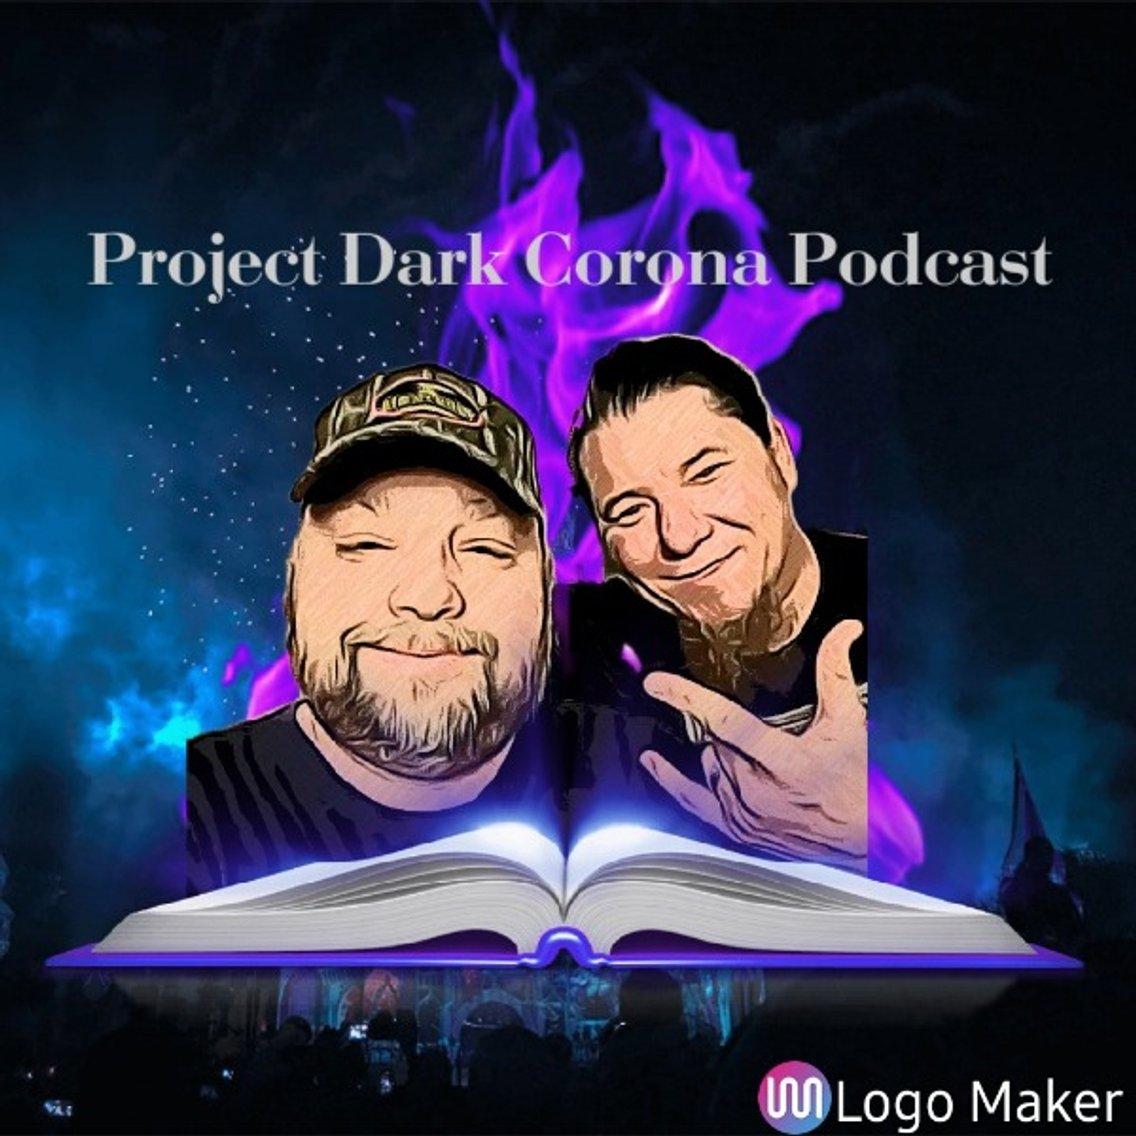 Project Dark Corona - Cover Image